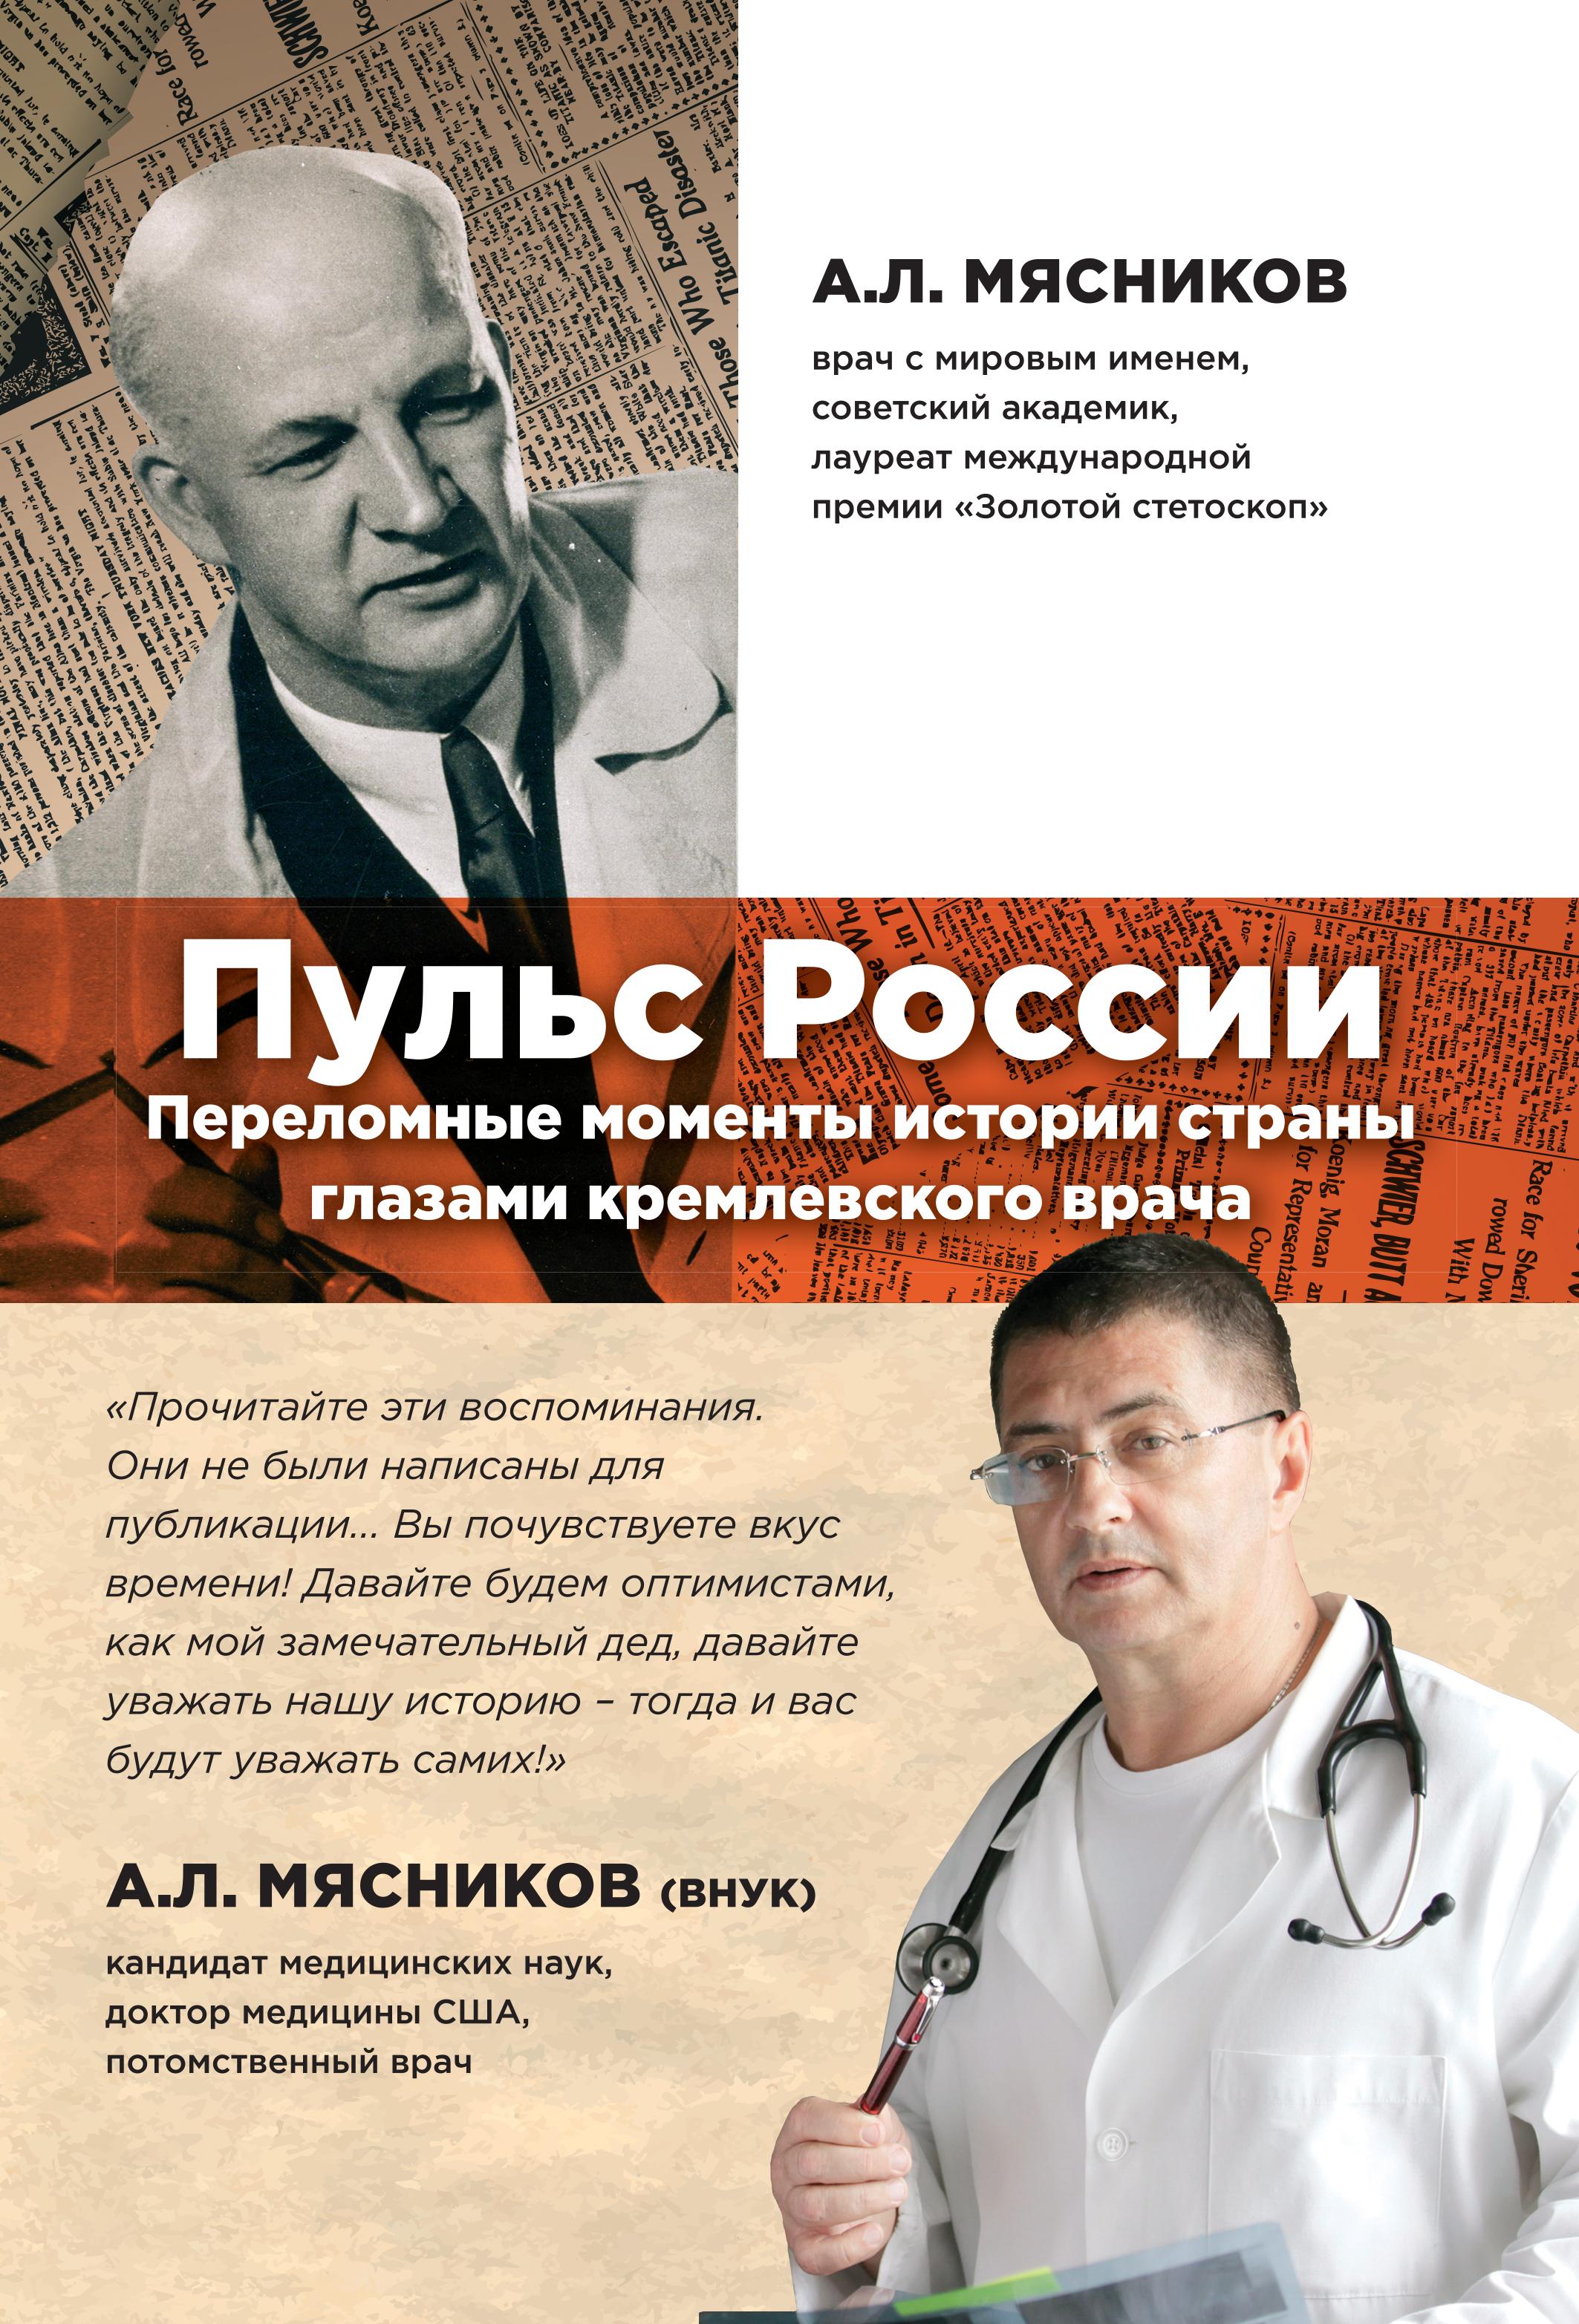 Александр Мясников «Пульс России: переломные моменты истории страны глазами кремлевского врача»